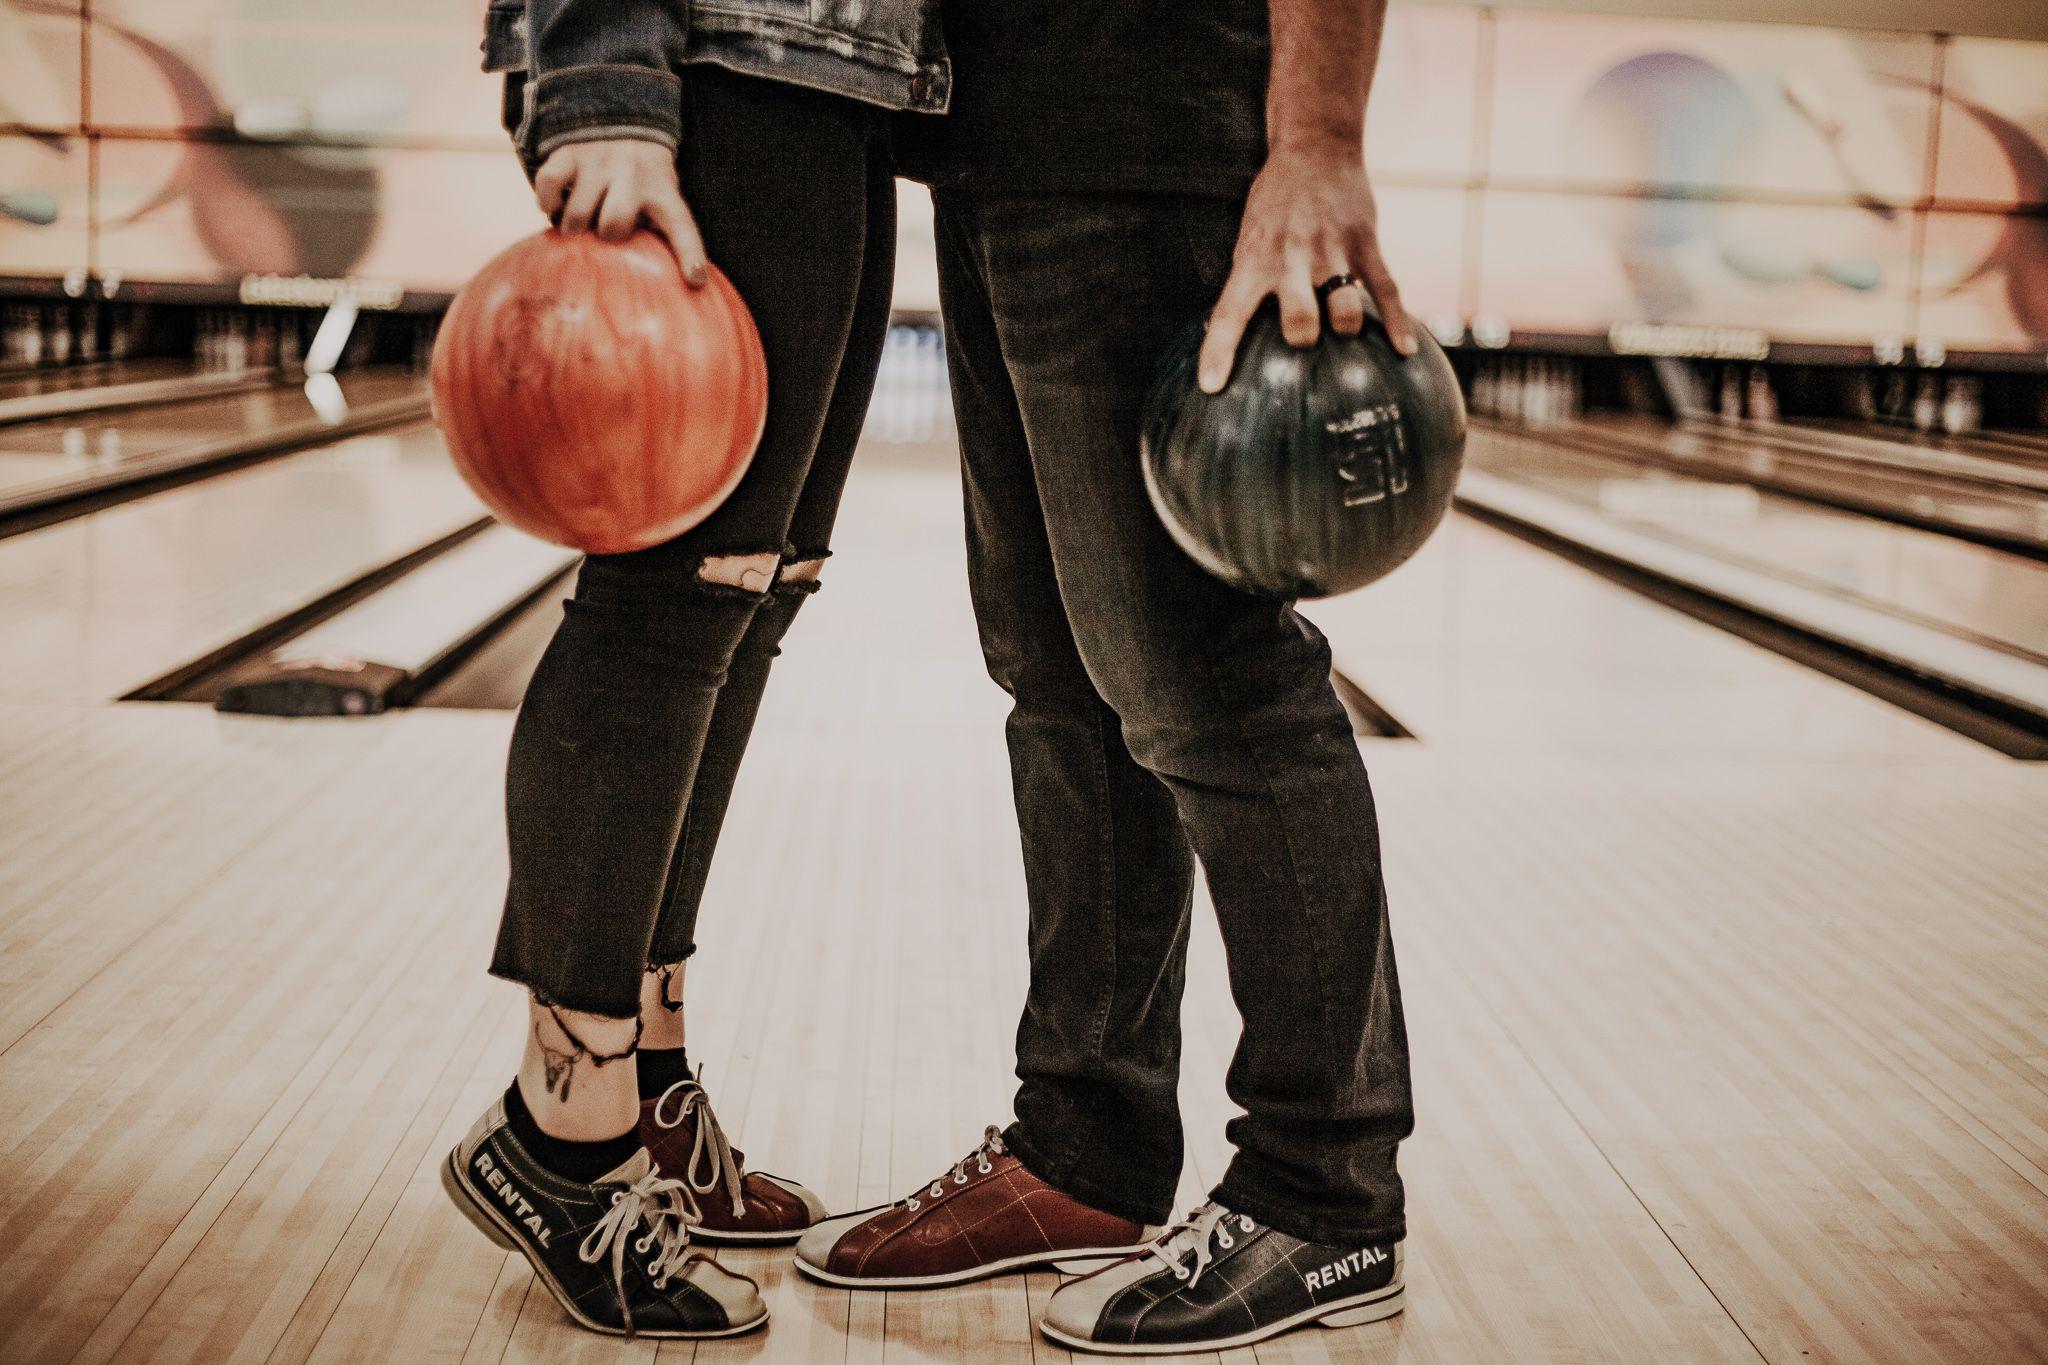 Bowling Engagement Photoshoot Engagement Photoshoot Couples Photoshoot Engagement Inspo